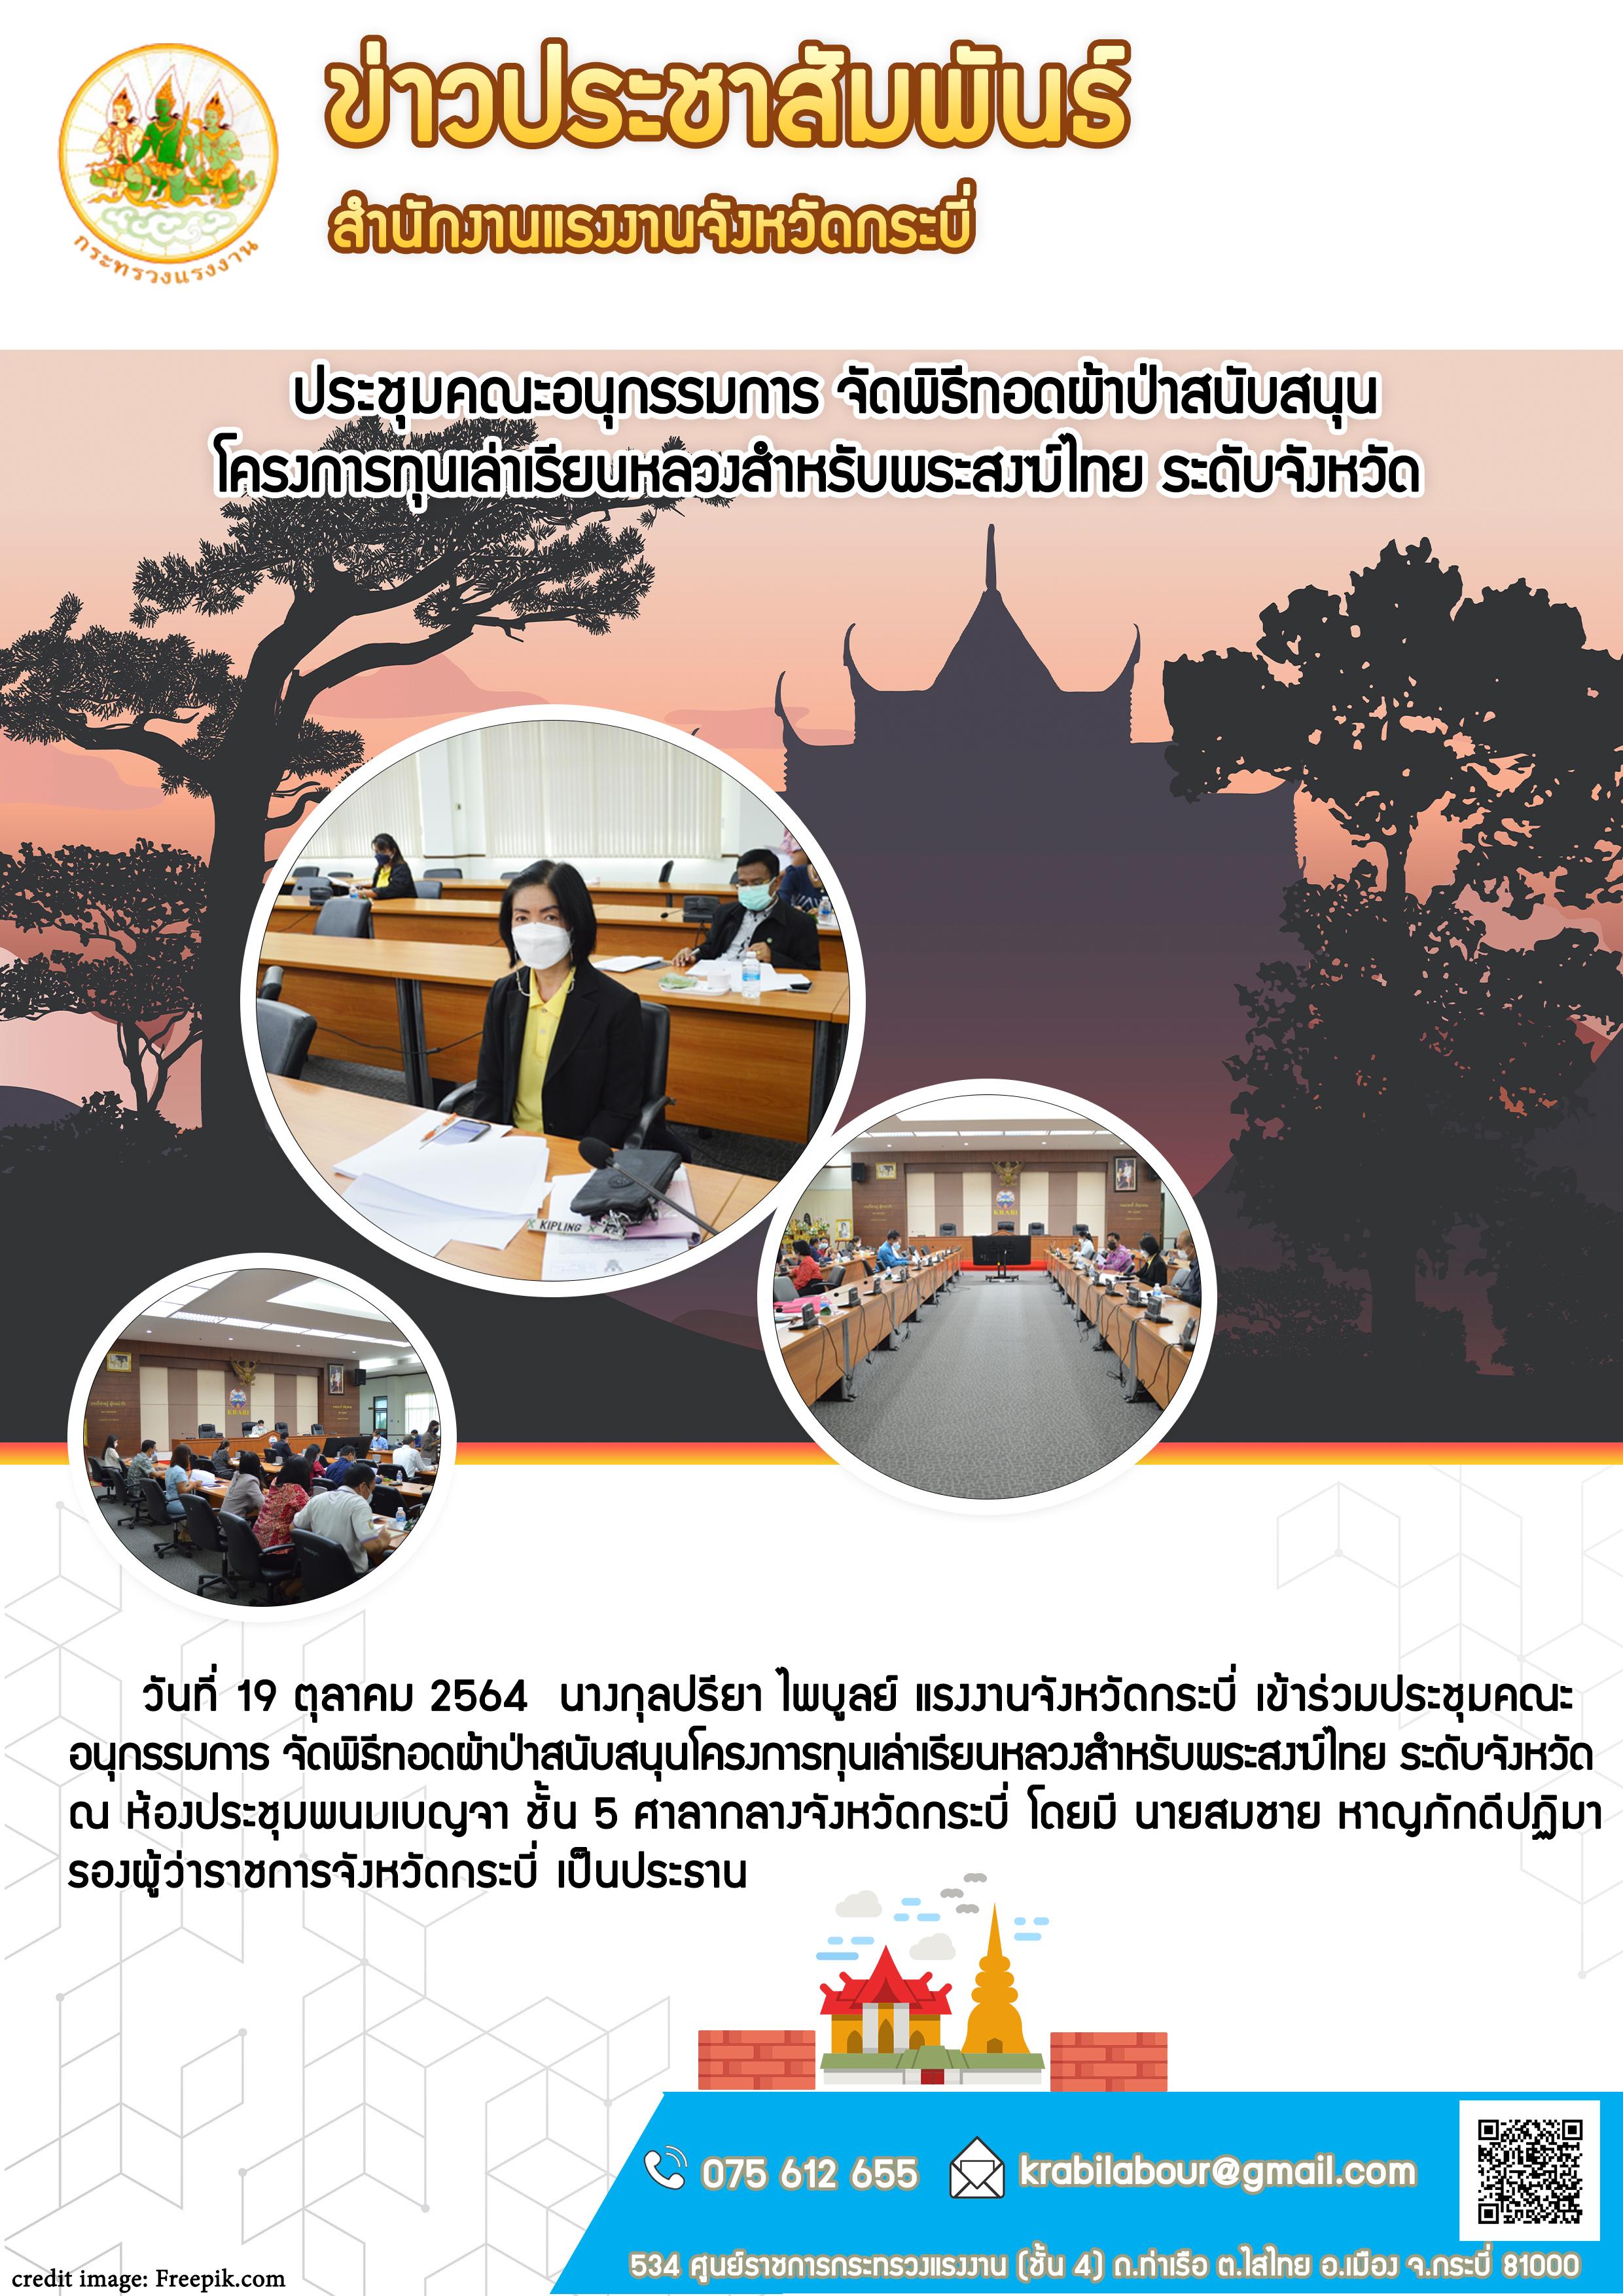 สำนักงานแรงงานจังหวัดกระบี่ประชุมคณะอนุกรรมการ จัดพิธีมอดผ้าป่าสนับสนุนโครงการทุนเล่าเรียนหลวงสำหรับพระสงฆ์ไทย ระดับจังหวัด